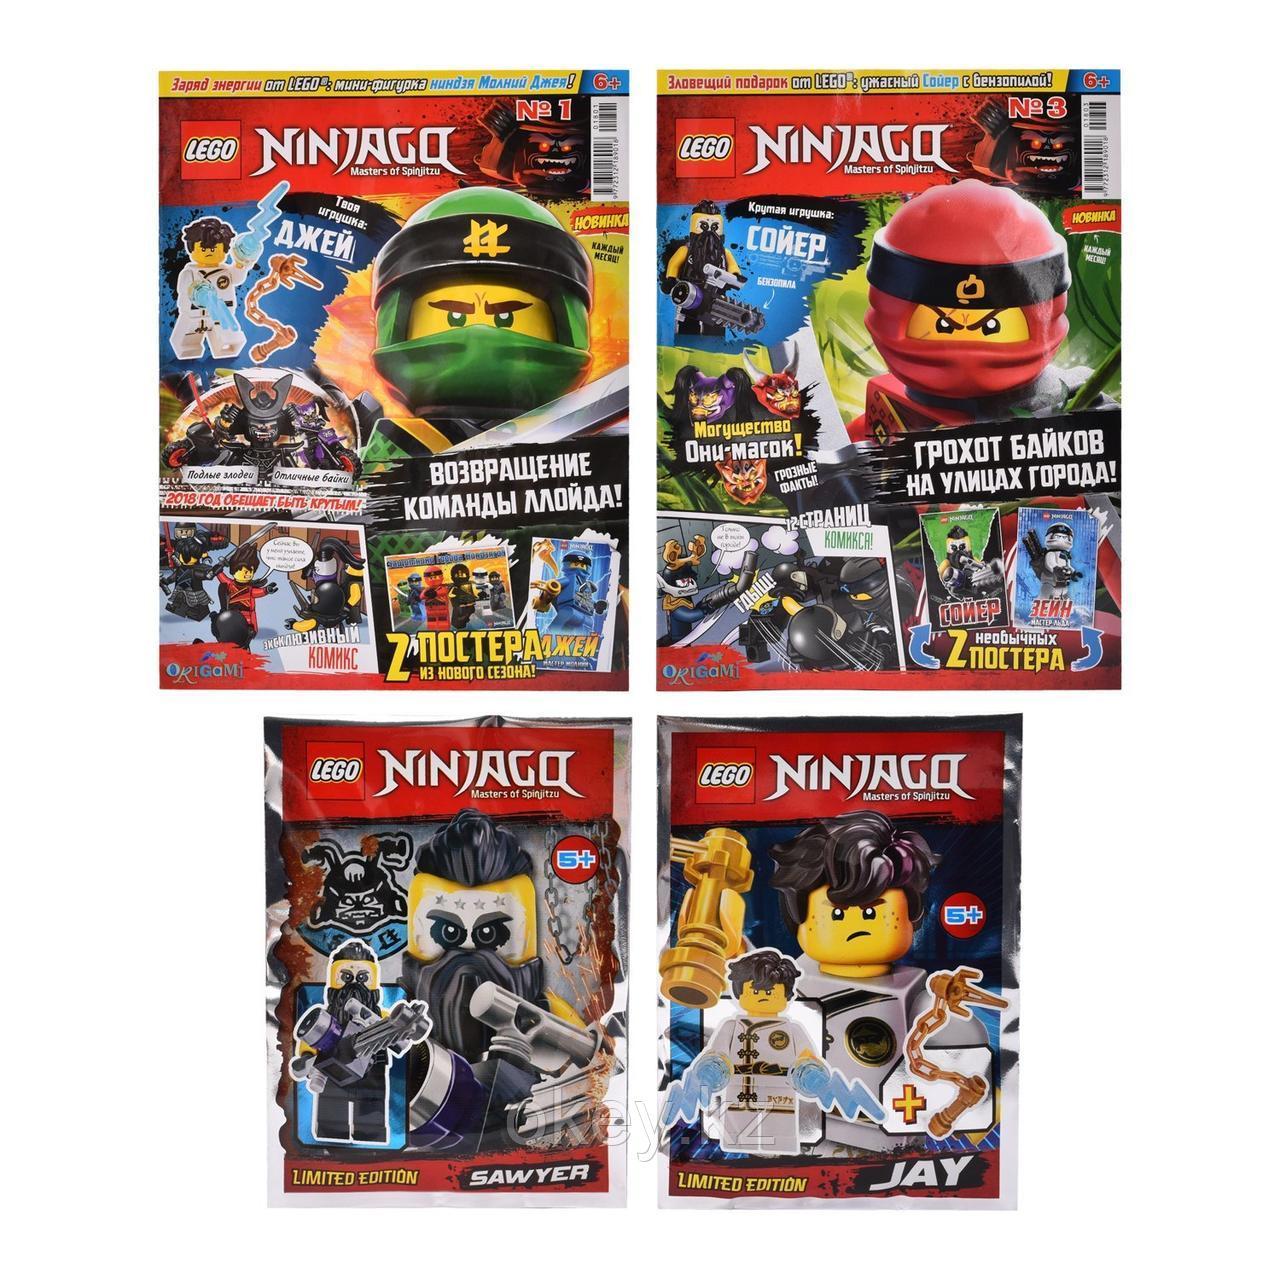 LEGO Ninjago: Журнал с вложением, в ассортименте, 70174